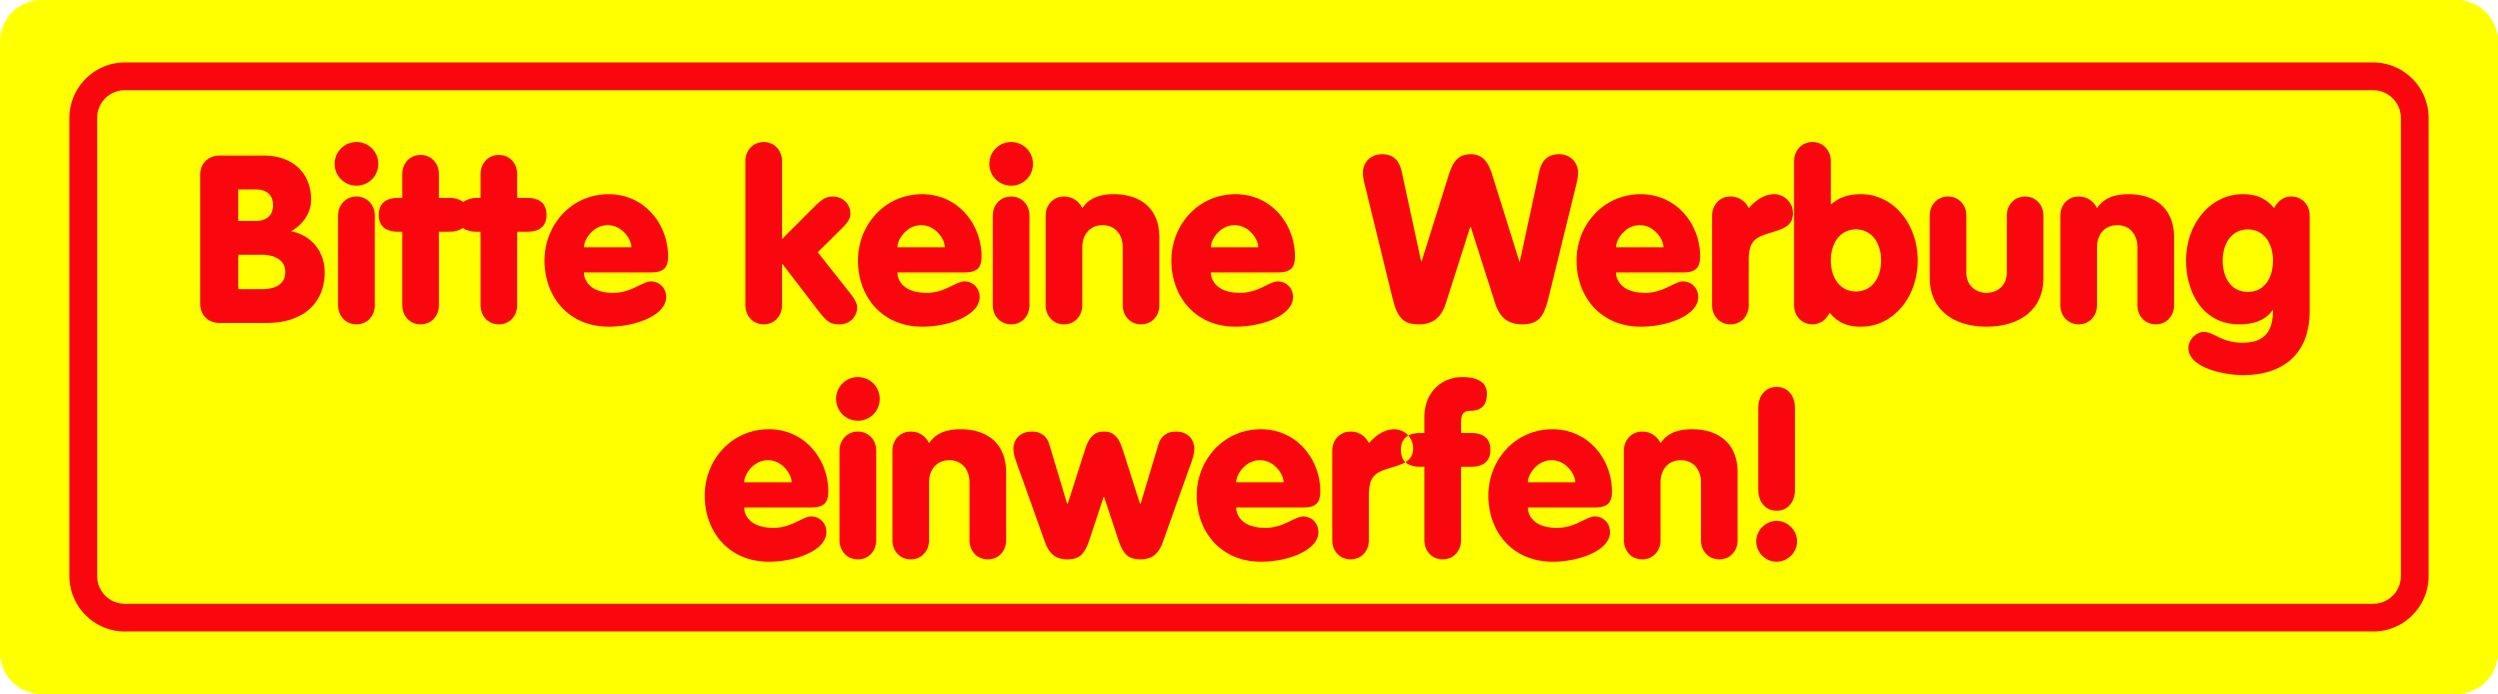 Sticker Bitte keine Werbung einwerfen! yellow 001